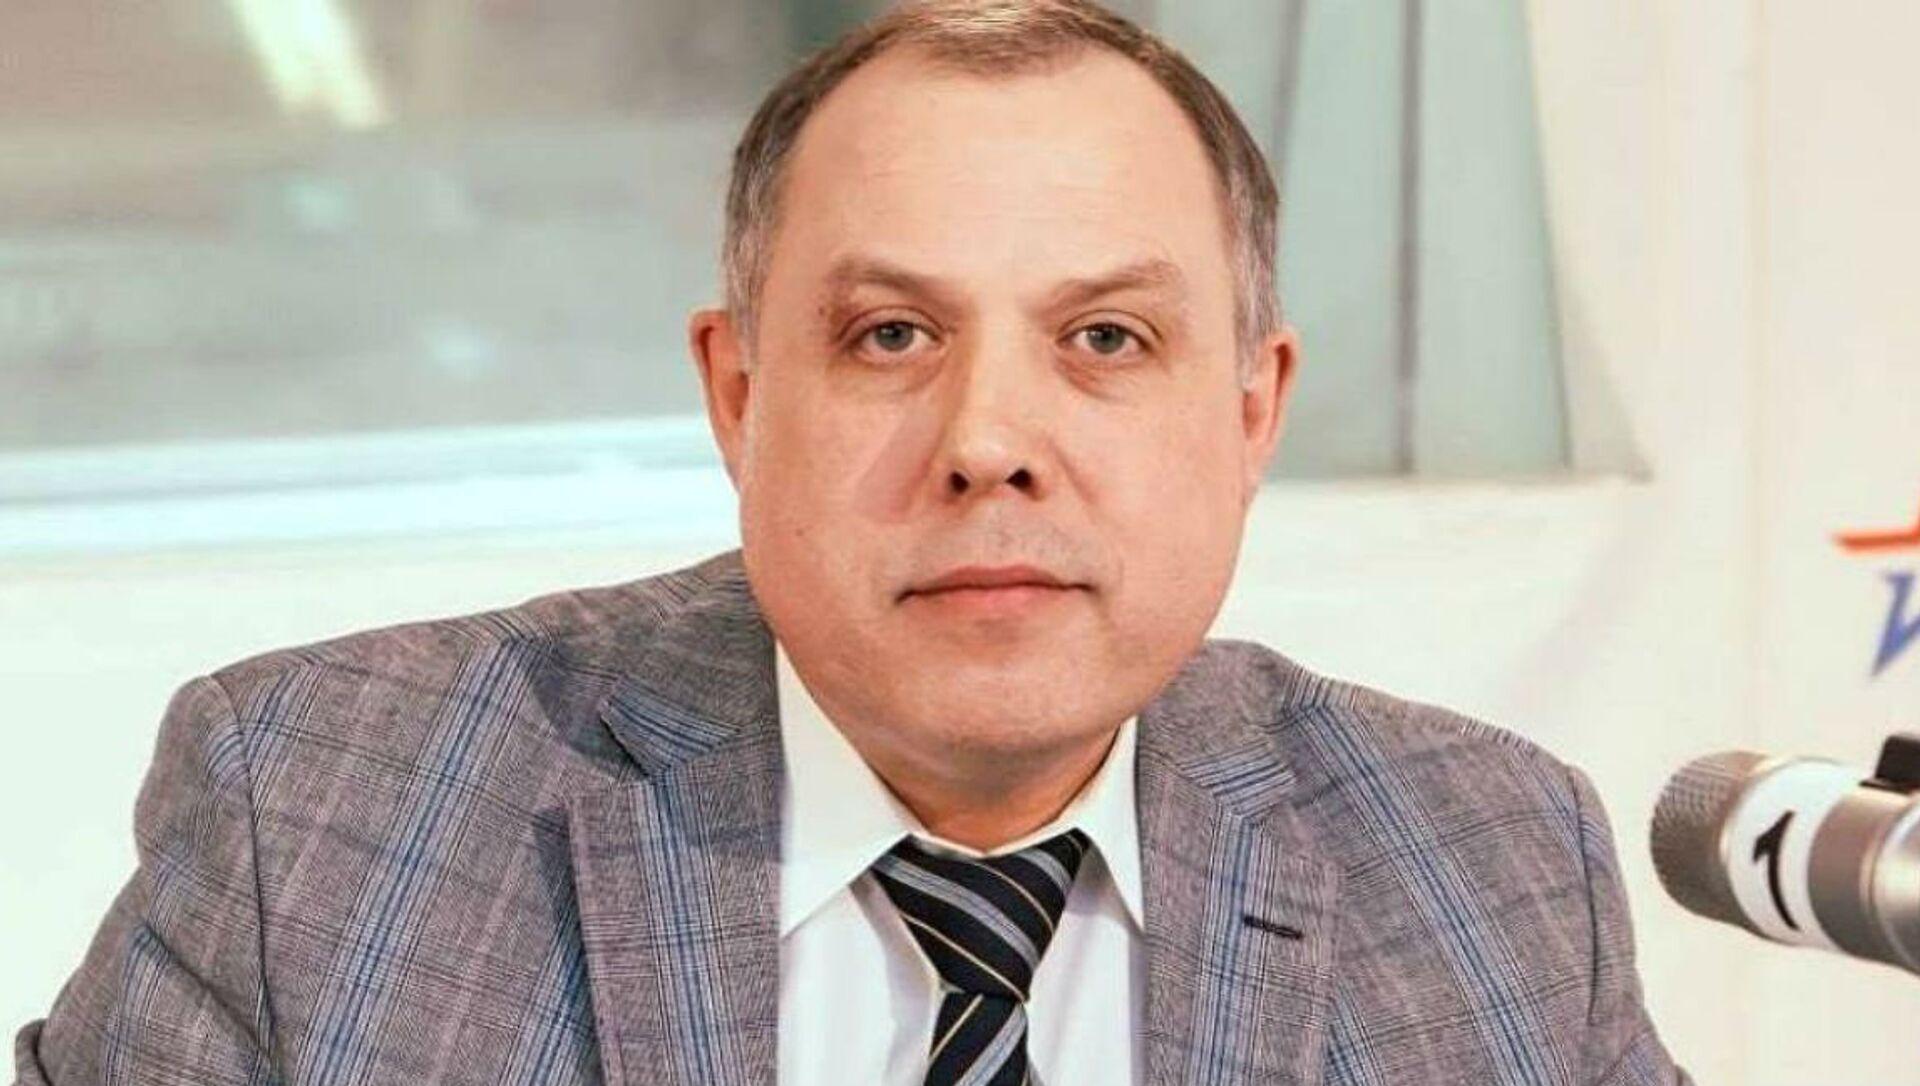 Политолог, заместитель директора Национального института развития современной идеологии РФ Игорь Шатров  - Sputnik Беларусь, 1920, 23.02.2021